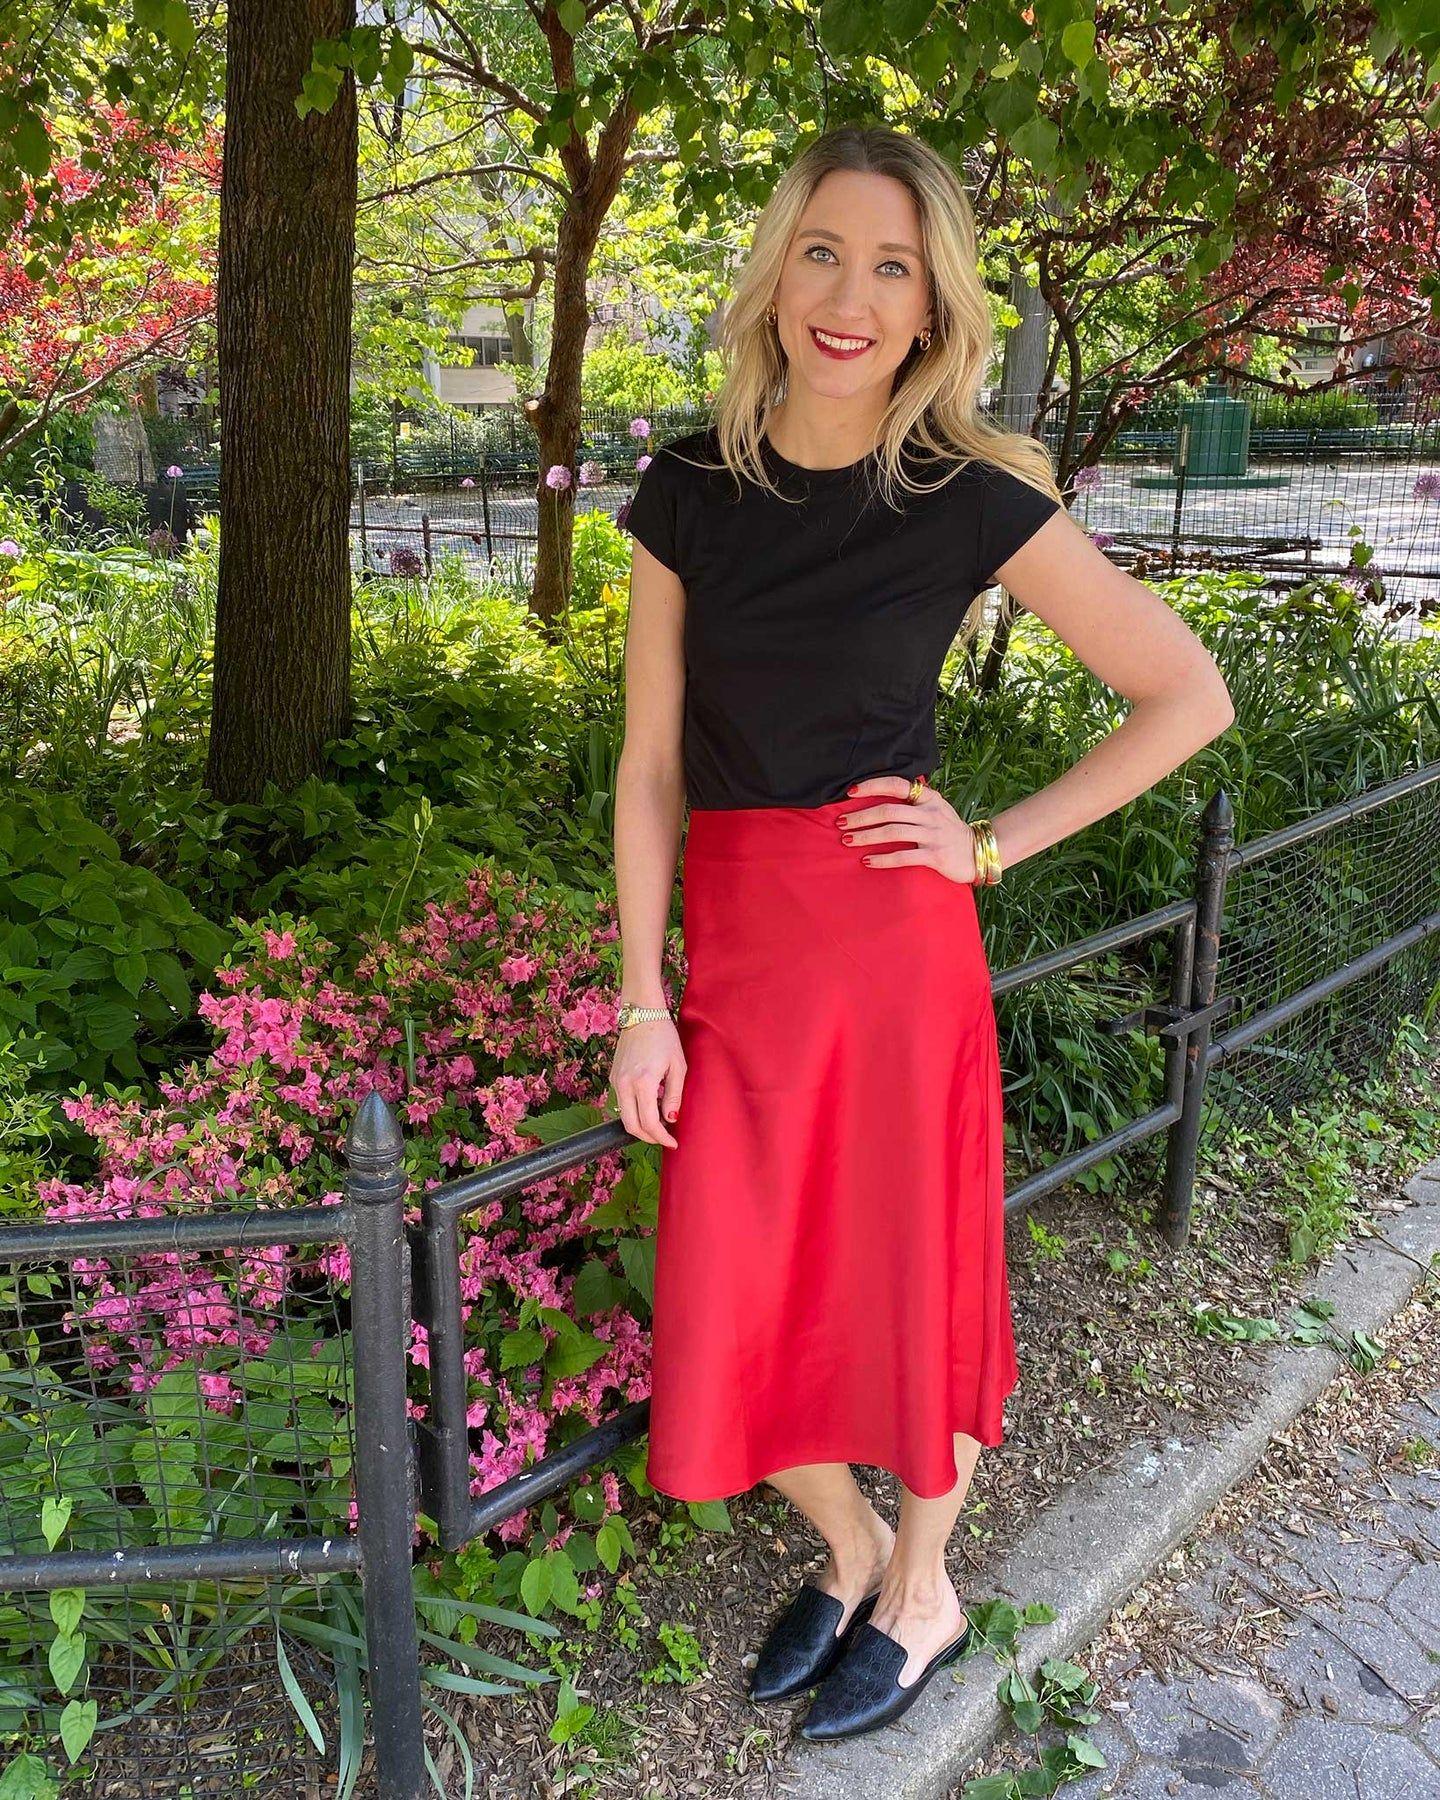 CeeCee Midi Bias Skirt - Red - image 0